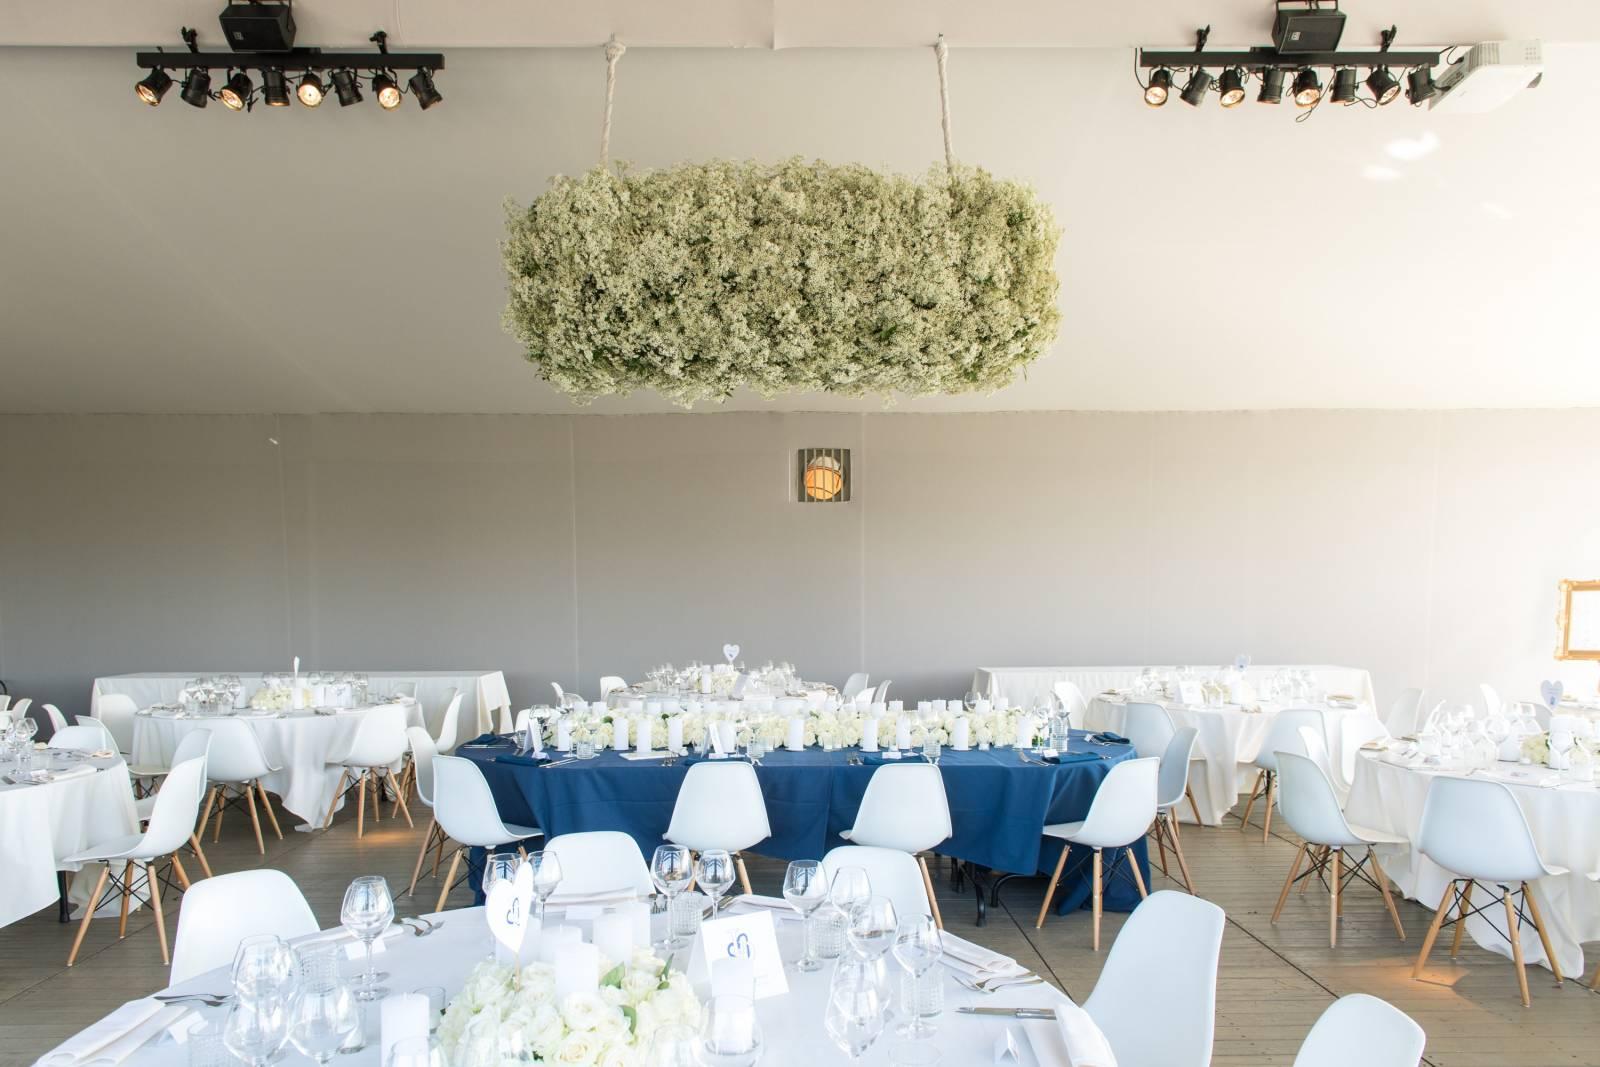 Chou Fleur - Bloemist - Fotograaf Studiovision Fotografie LiesbethDavid - House of Weddings (19) (Aangepast)